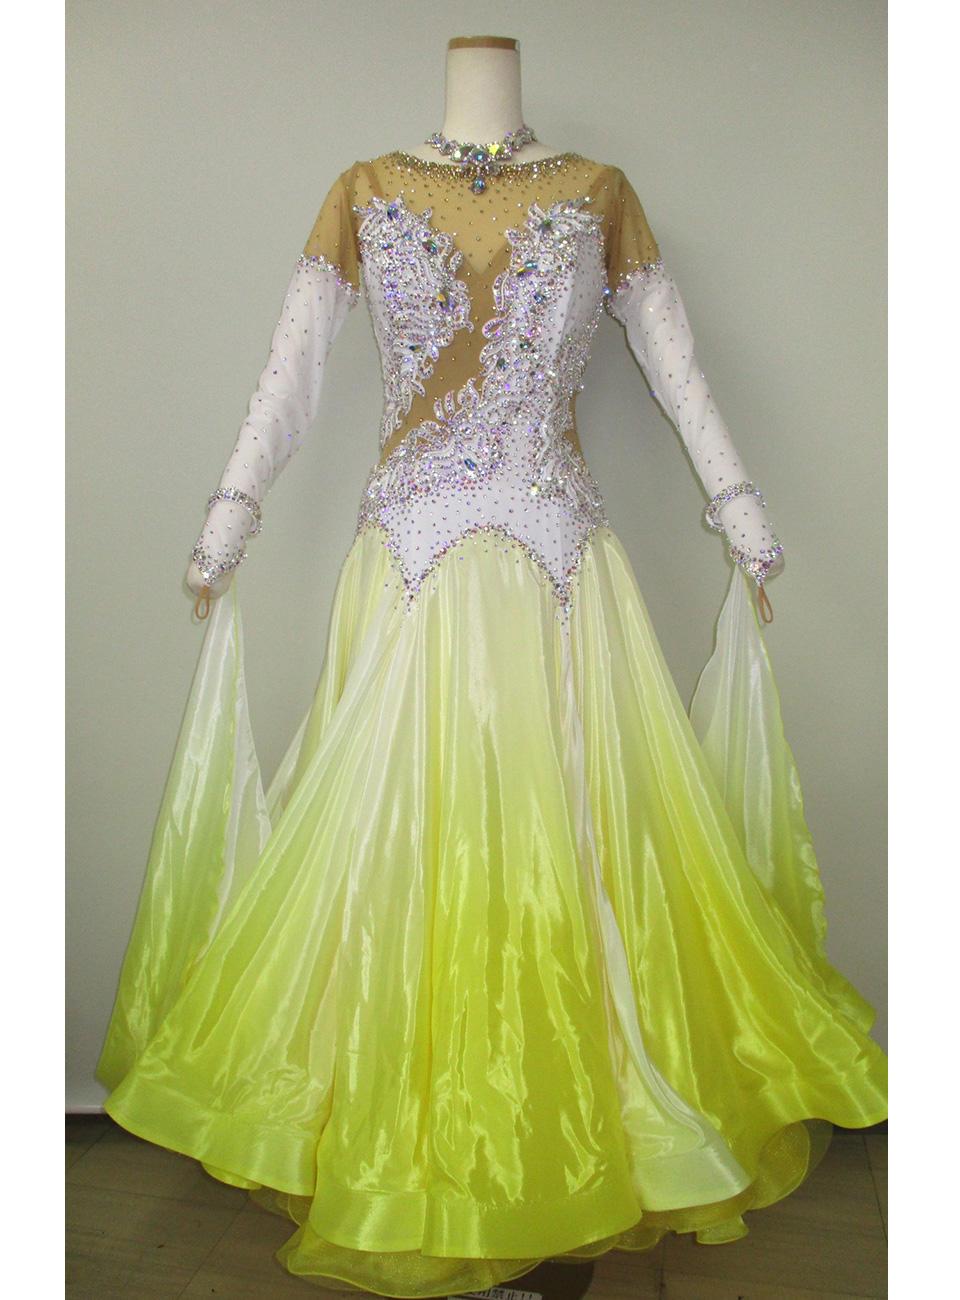 dress01.jpg